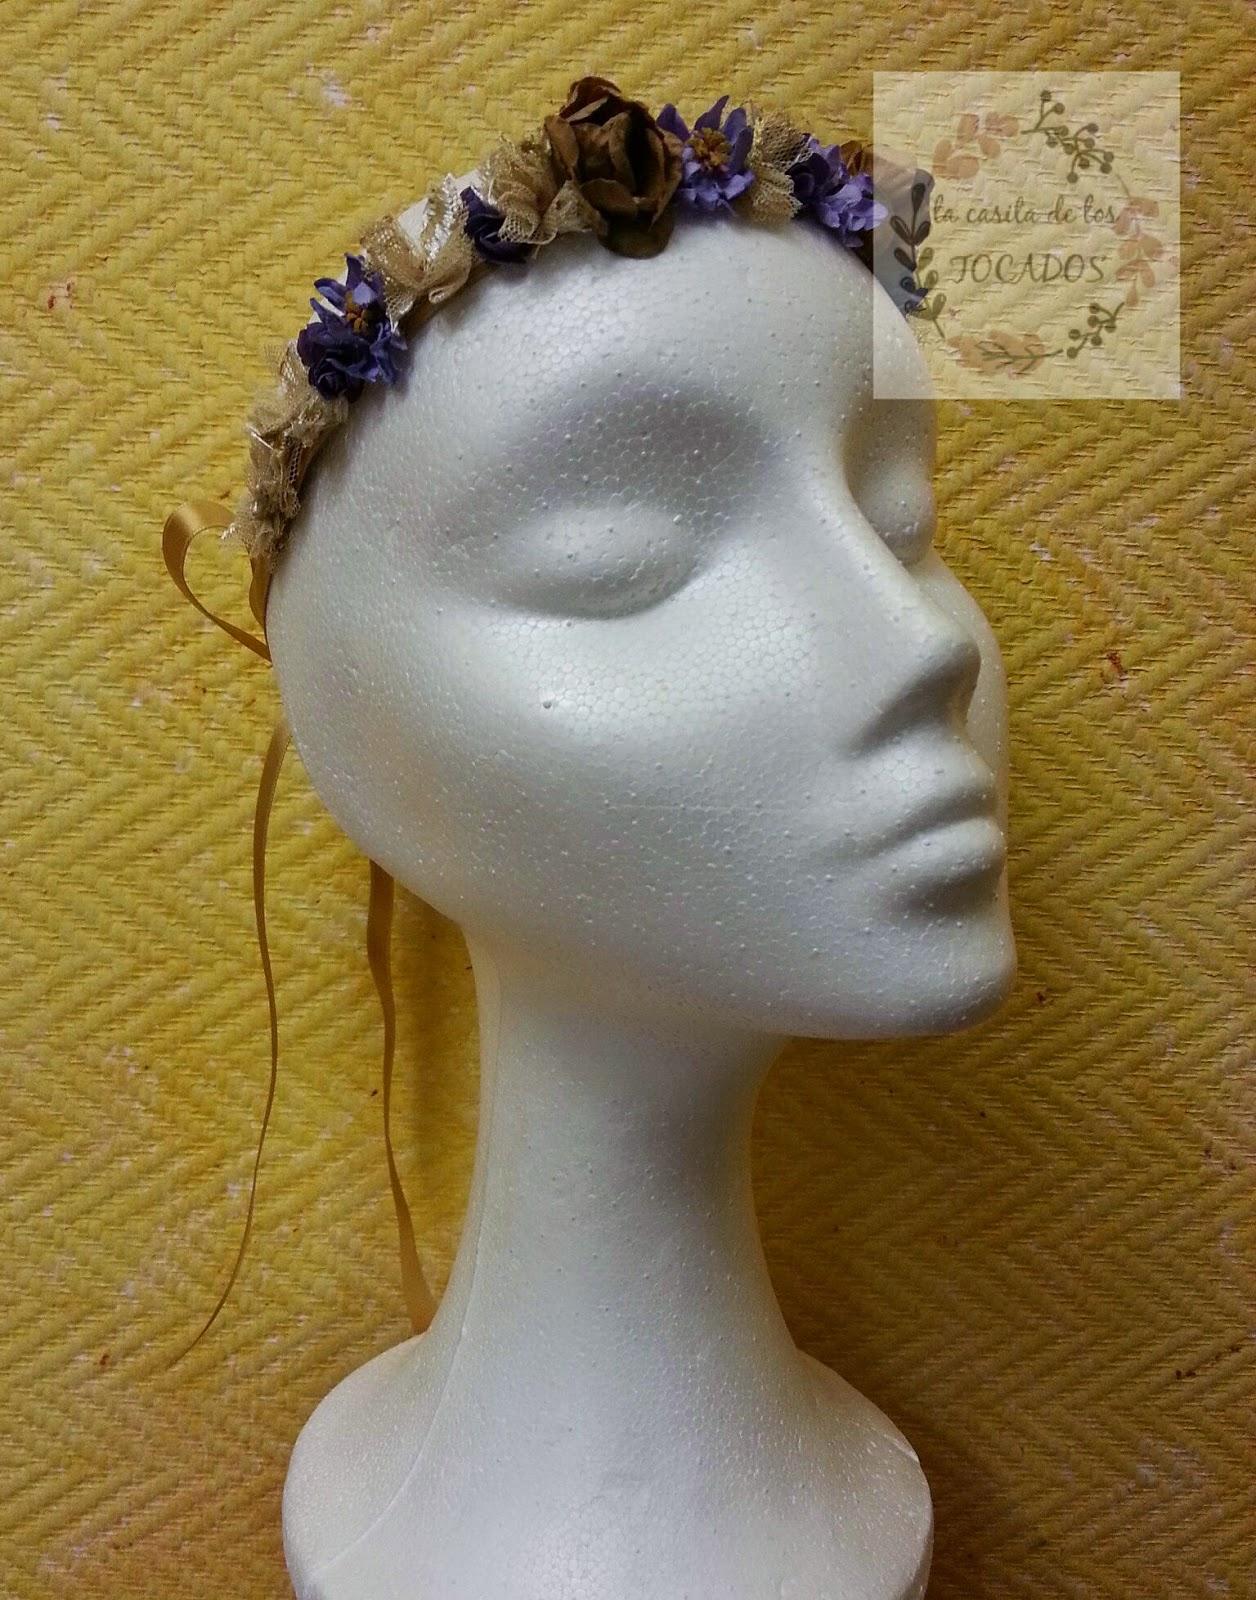 diadema de flores pequeñas con cinta para atar en colores dorado, malva y morado